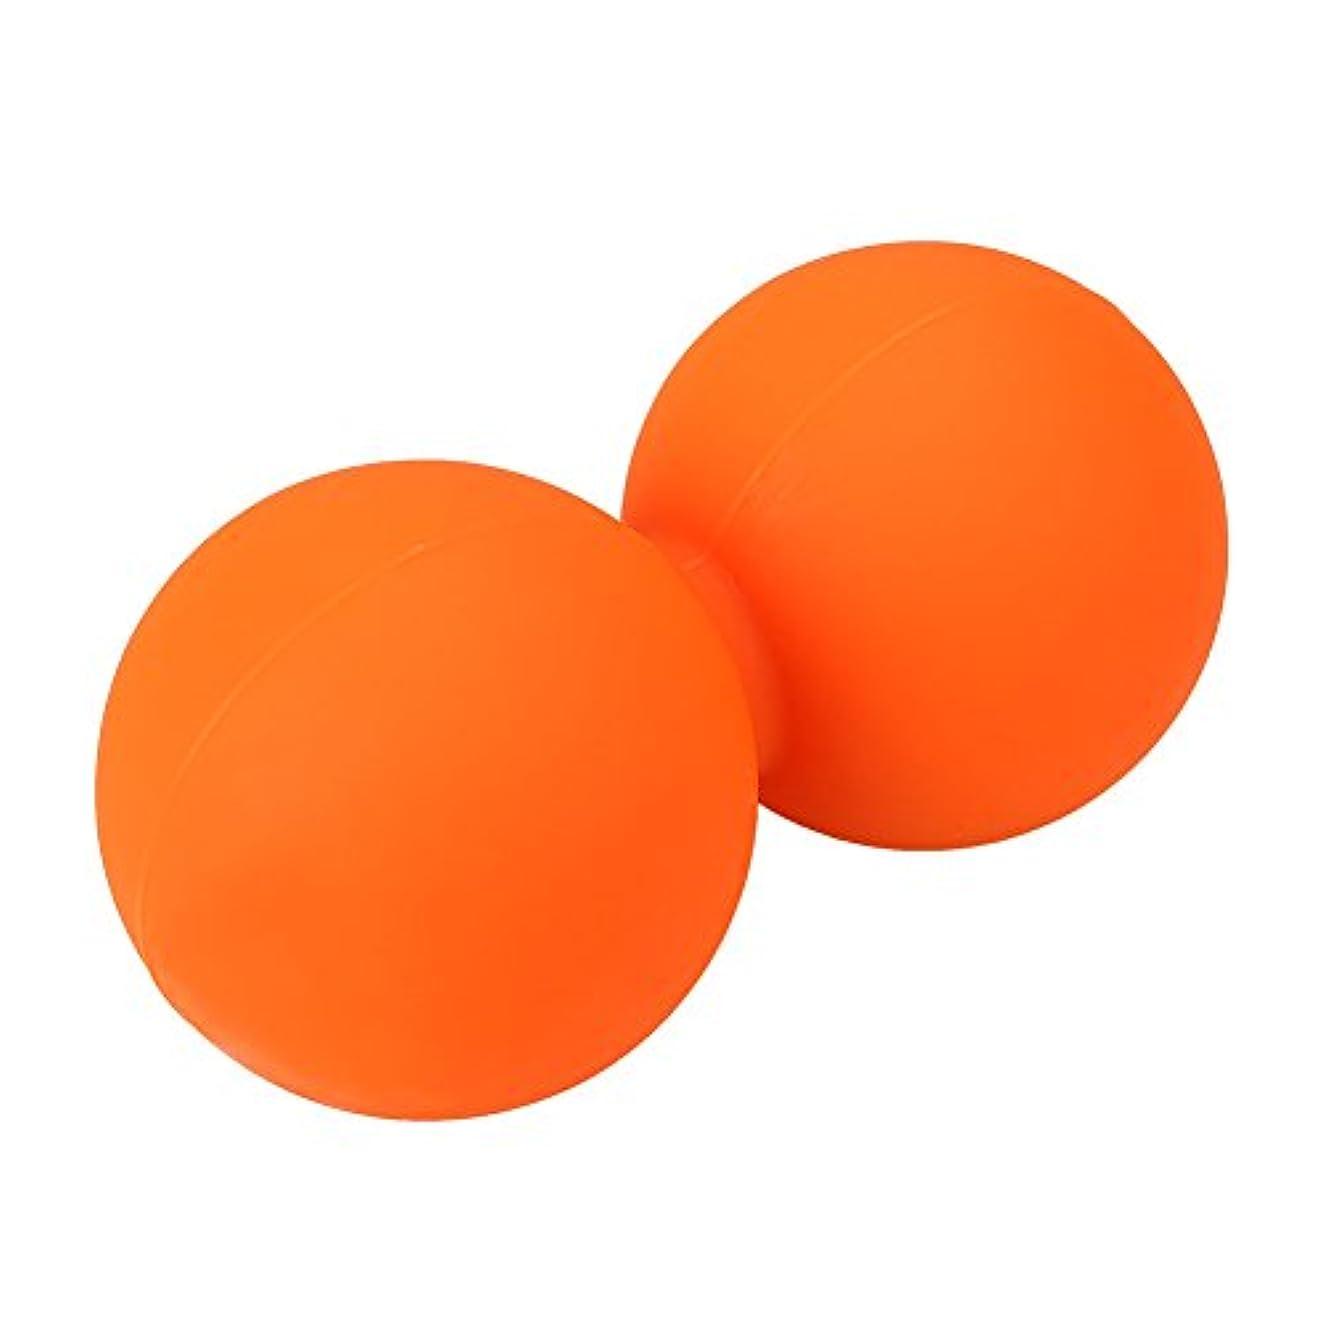 同情リンス申し立てるwlgreatsp ダブルラクロスMyofascialトリガーポイントリリースマッサージクロスボールエクササイズ